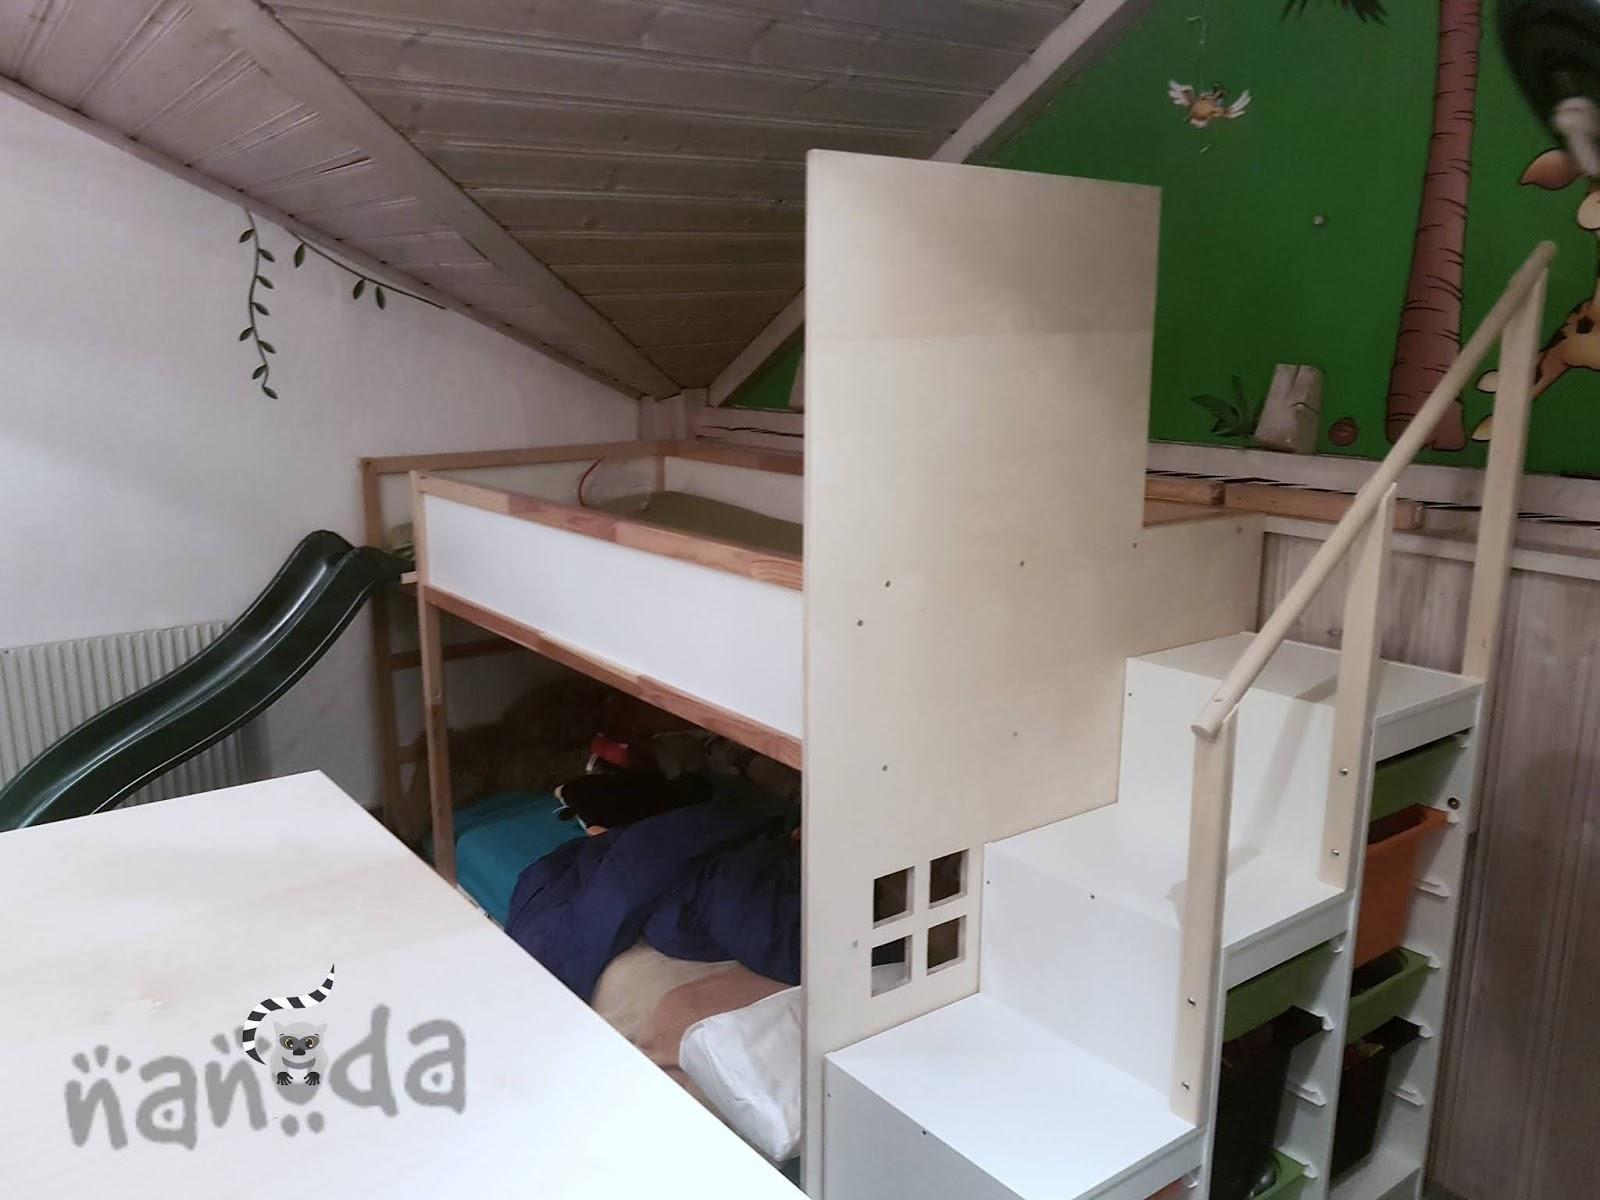 Nanodas kreative Welt: IKEA Hack - eine eigene Ritterburg im ...